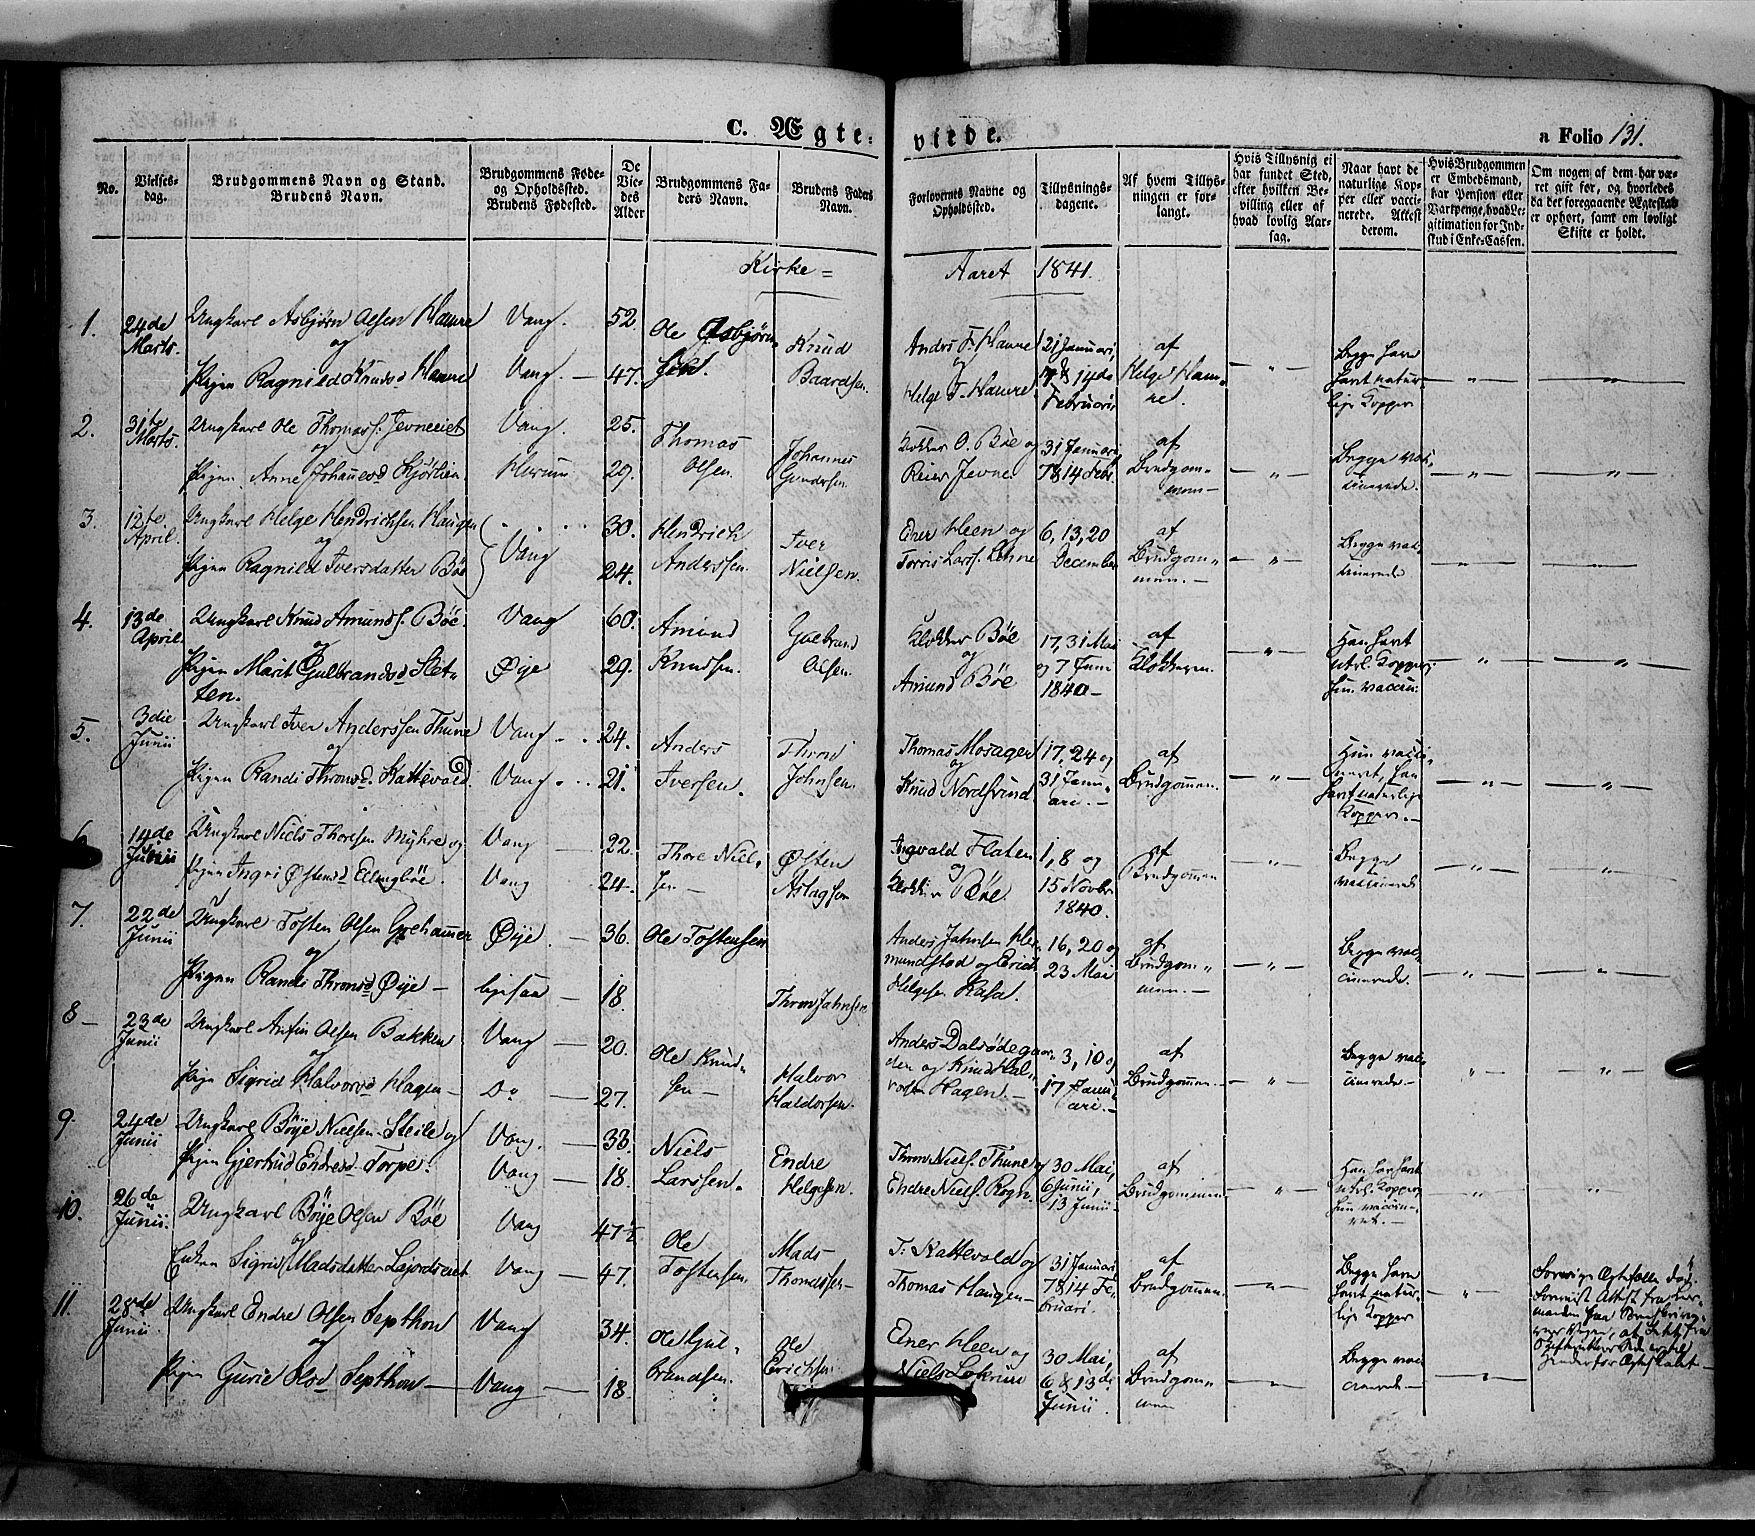 SAH, Vang prestekontor, Valdres, Ministerialbok nr. 5, 1831-1845, s. 131